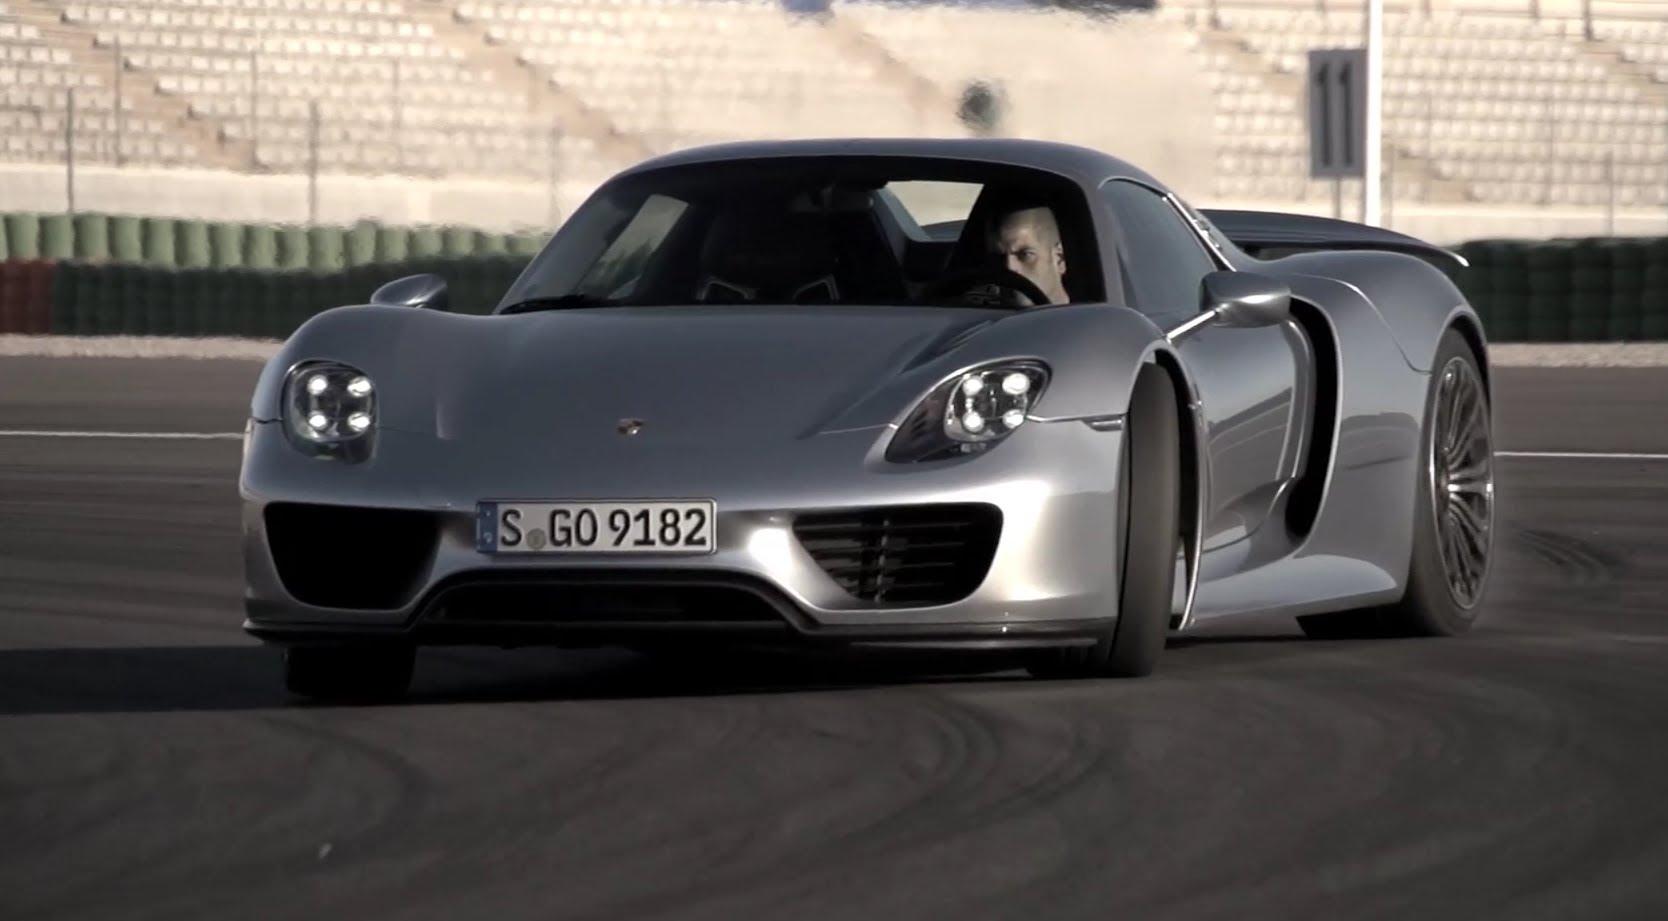 Chris Harris Em Tira Teimas Com Porsche 918